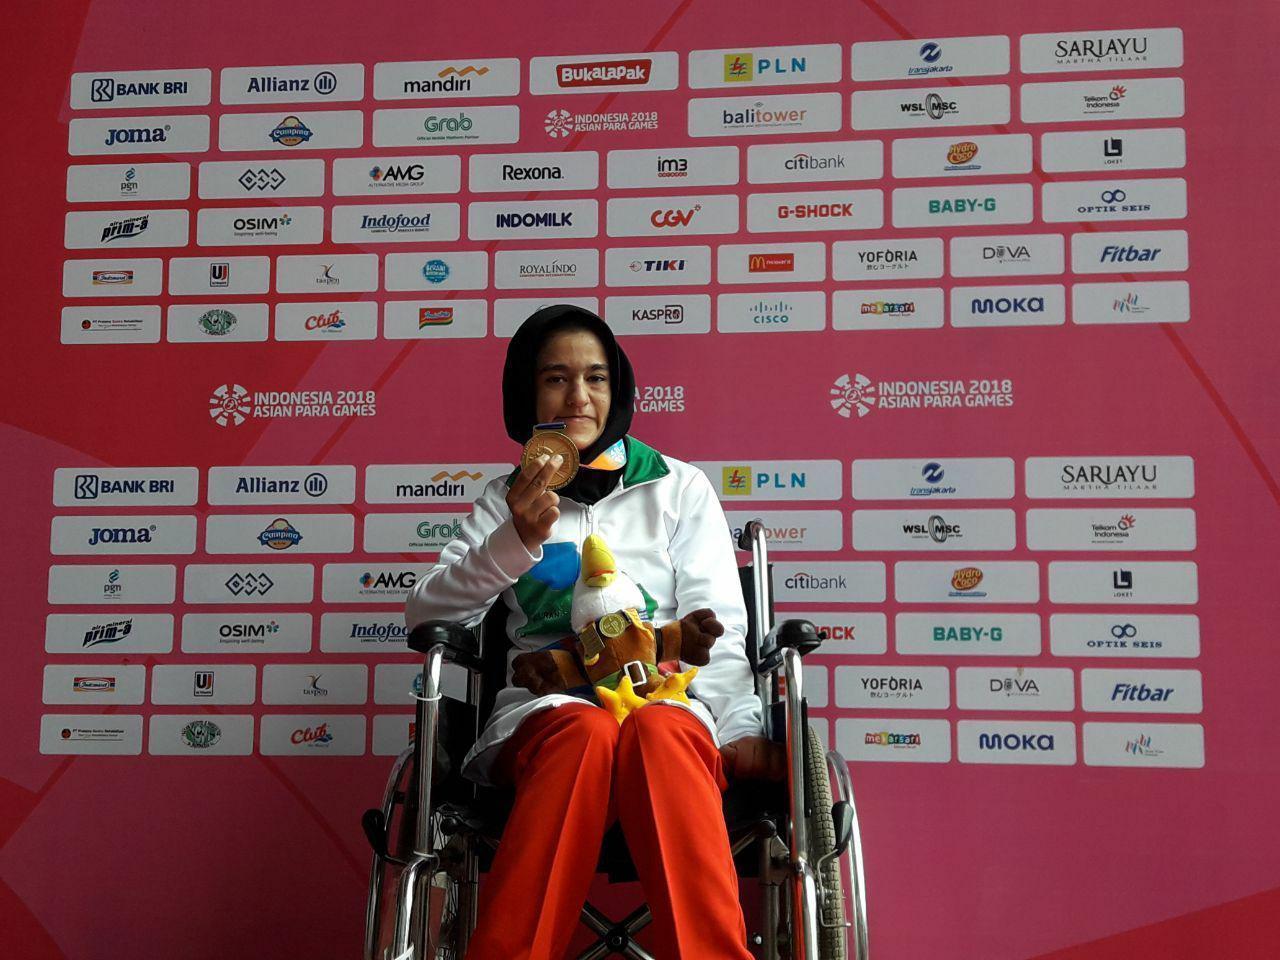 نتایج کاروان ورزشی ایران در پنجمین روز بازیهای پاراآسیایی ۲۰۱۸؛